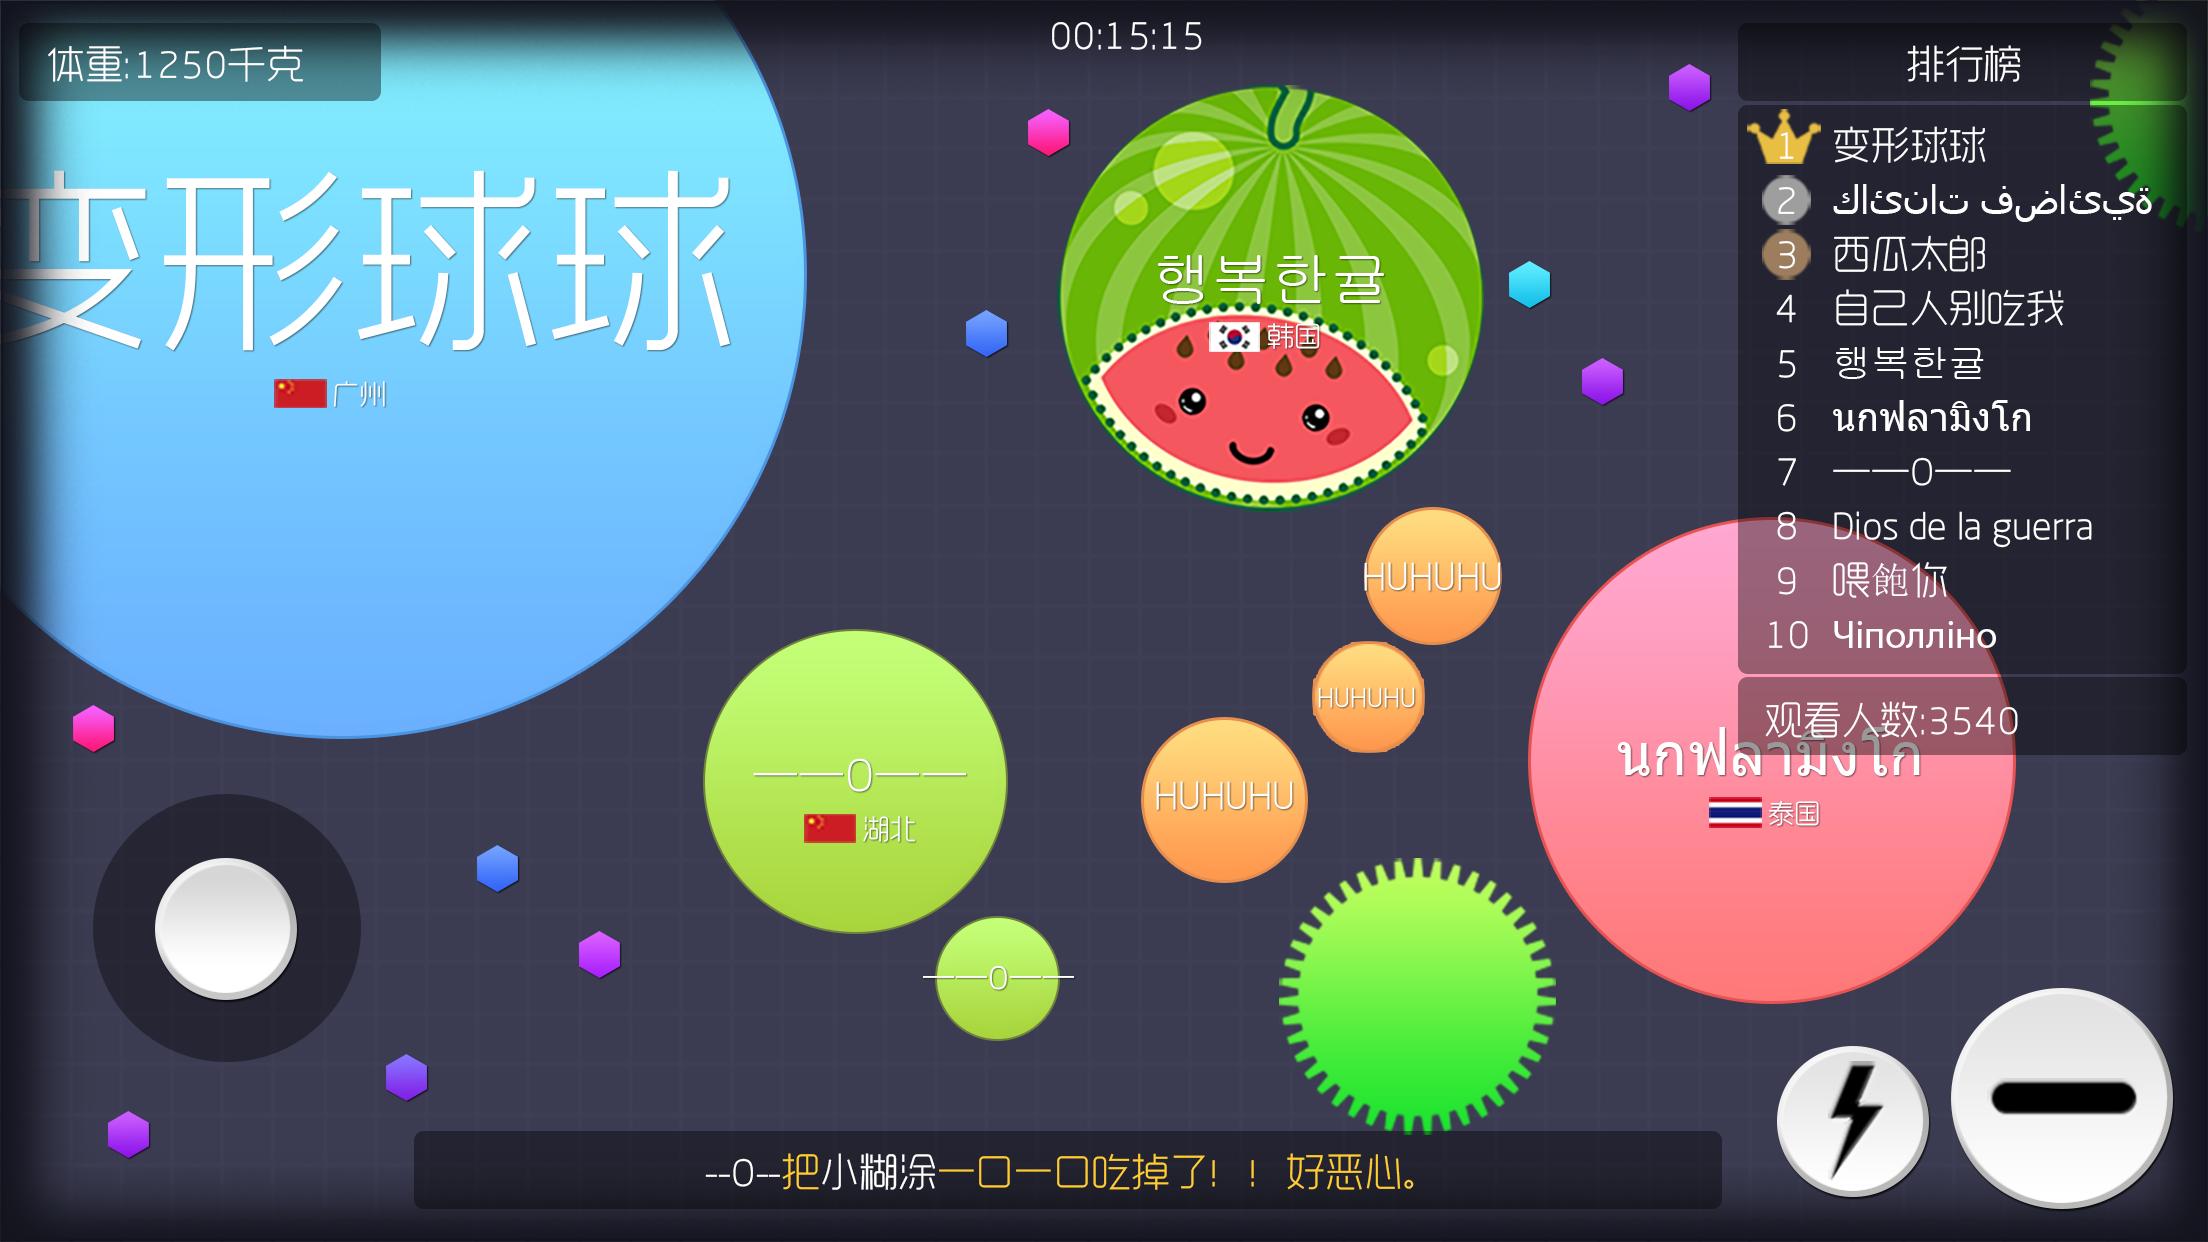 球球大作战IOS免费版大鱼吃小鱼v2.8.5_截图1